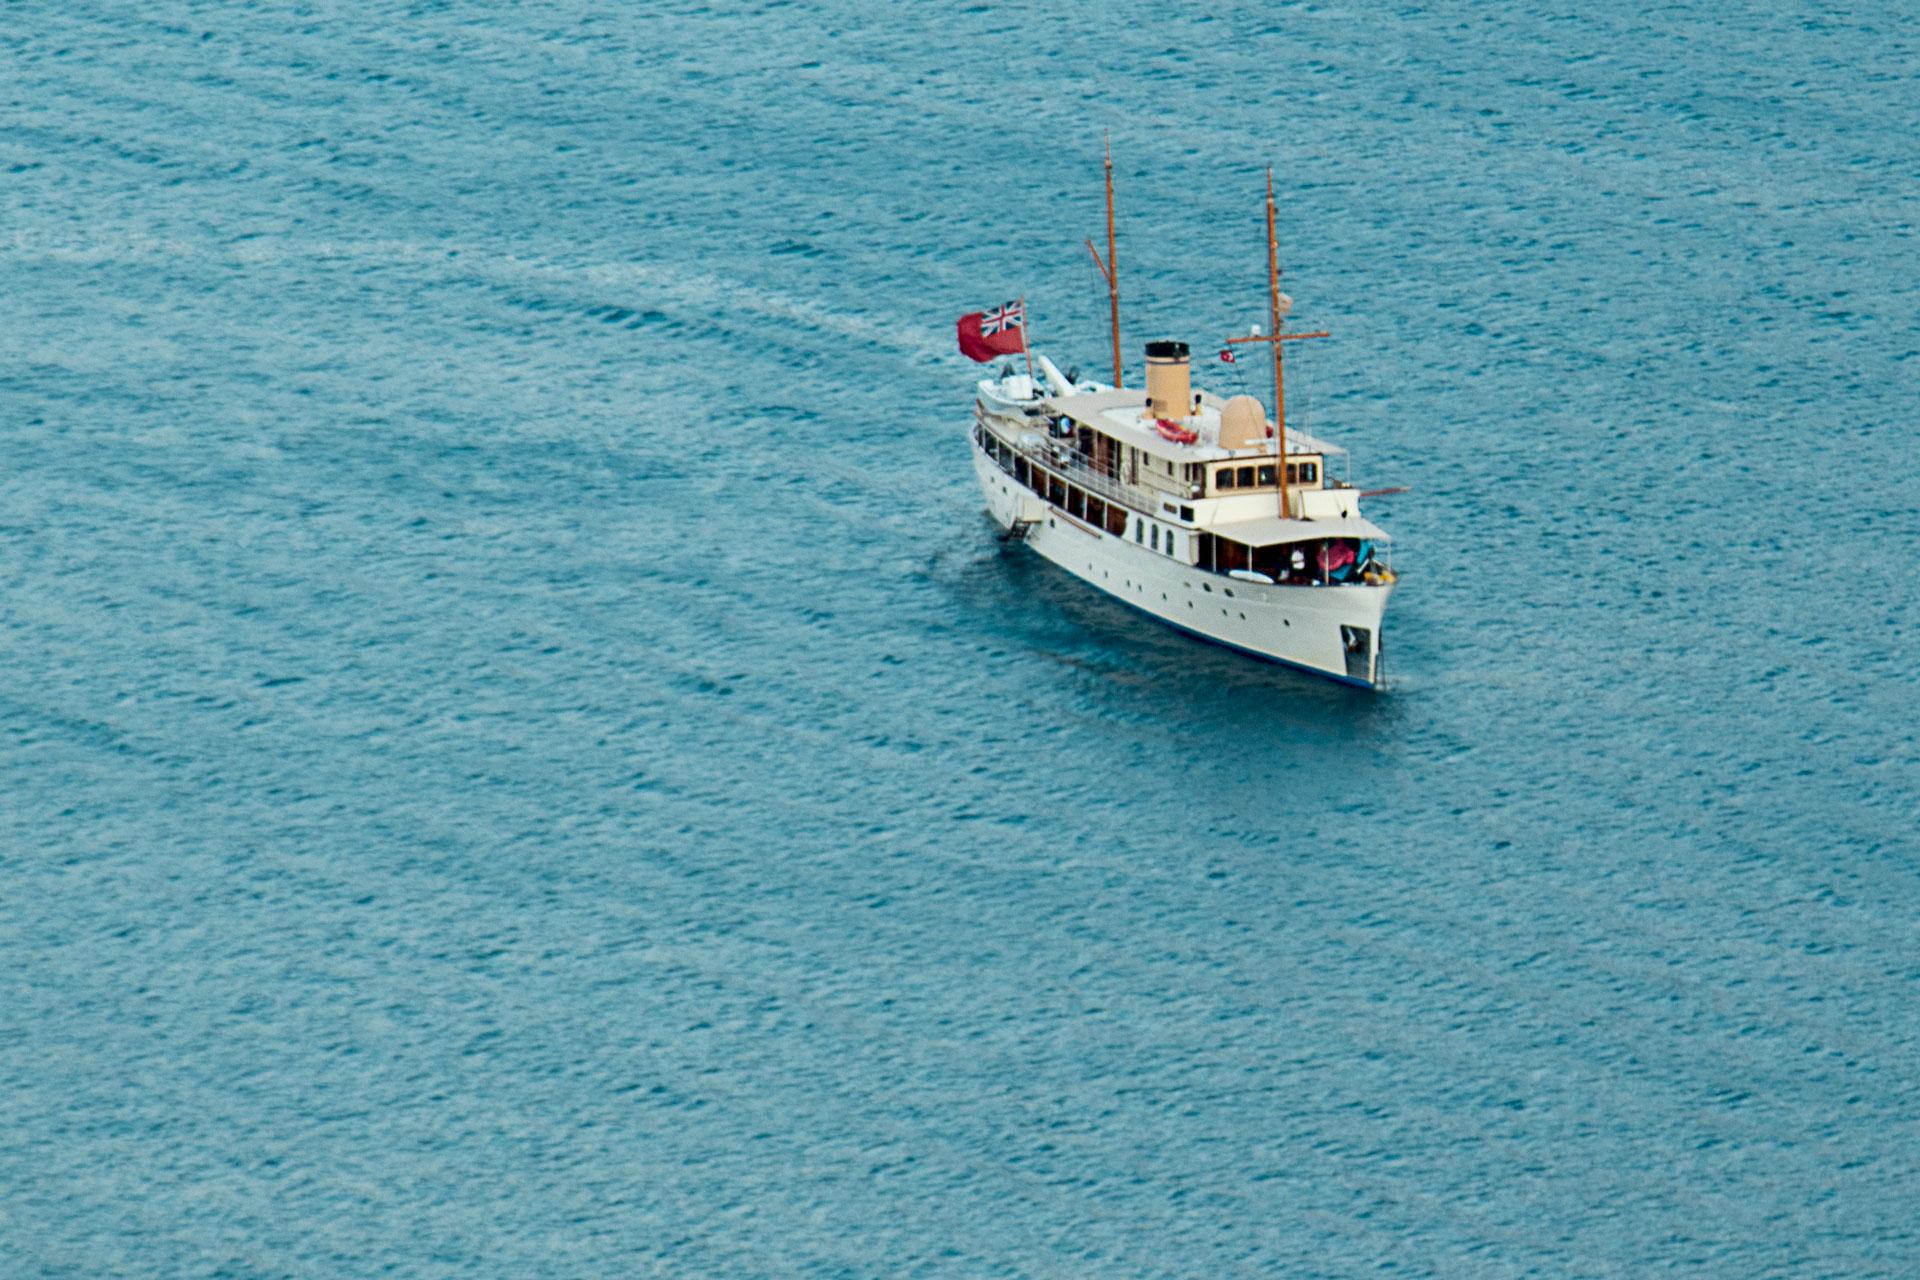 Meslek şefi: tekne özellikleri